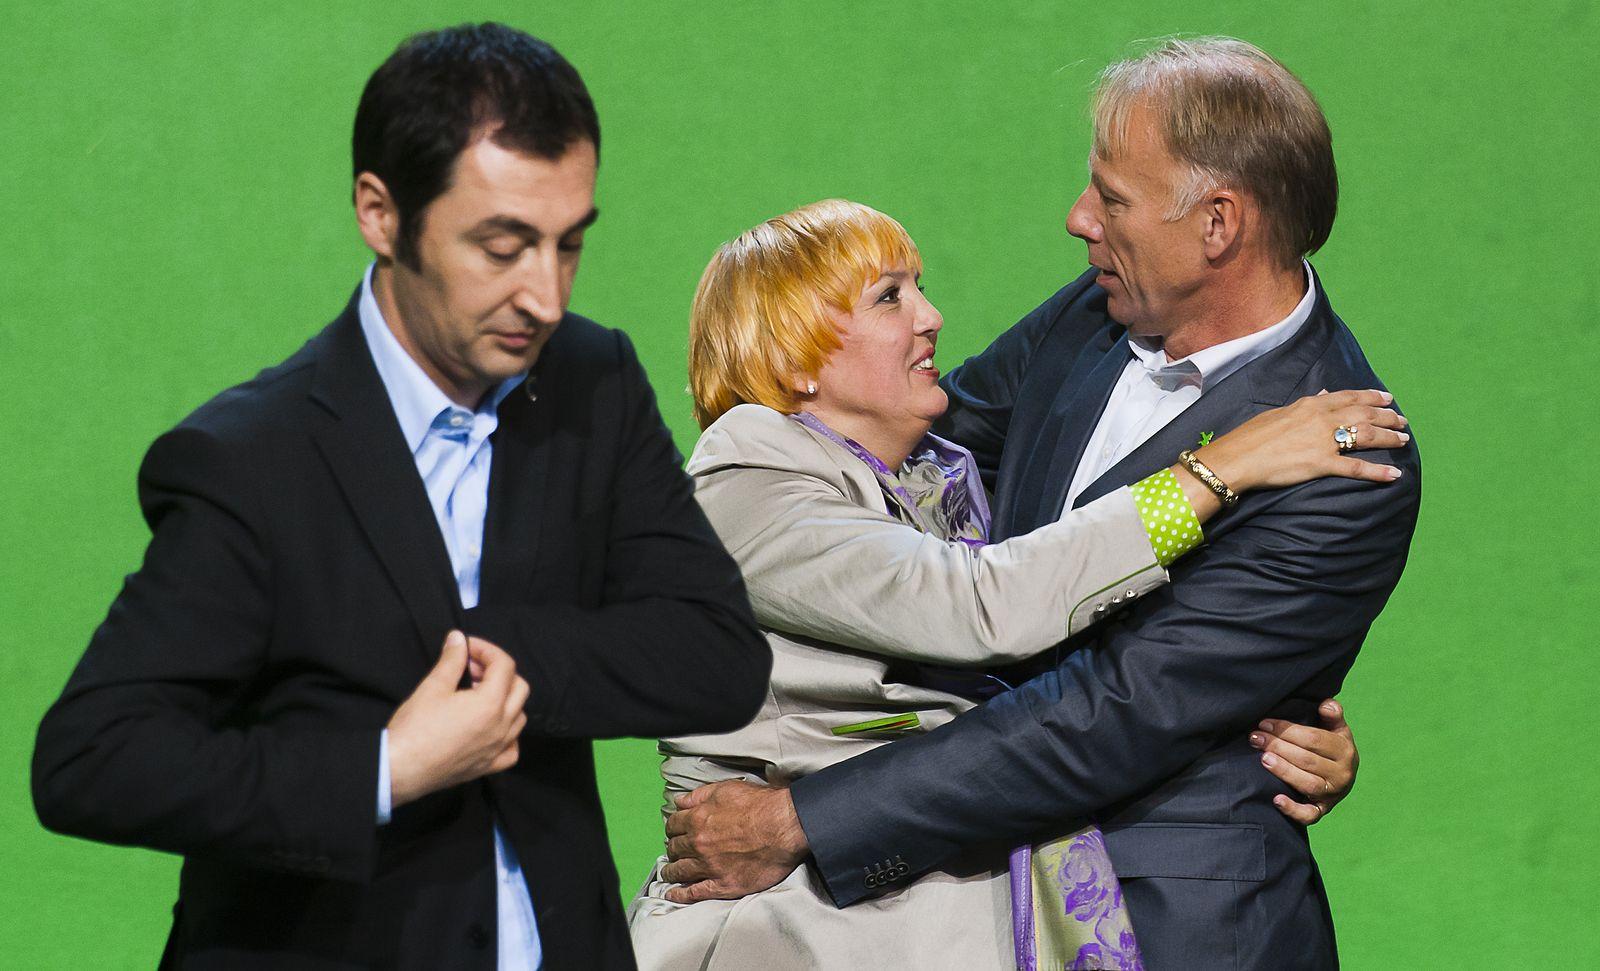 NICHT VERWENDEN Parteien/Energie/Atomkraft/Atom/Parteitage Grüne Trittin Roth Özdemir